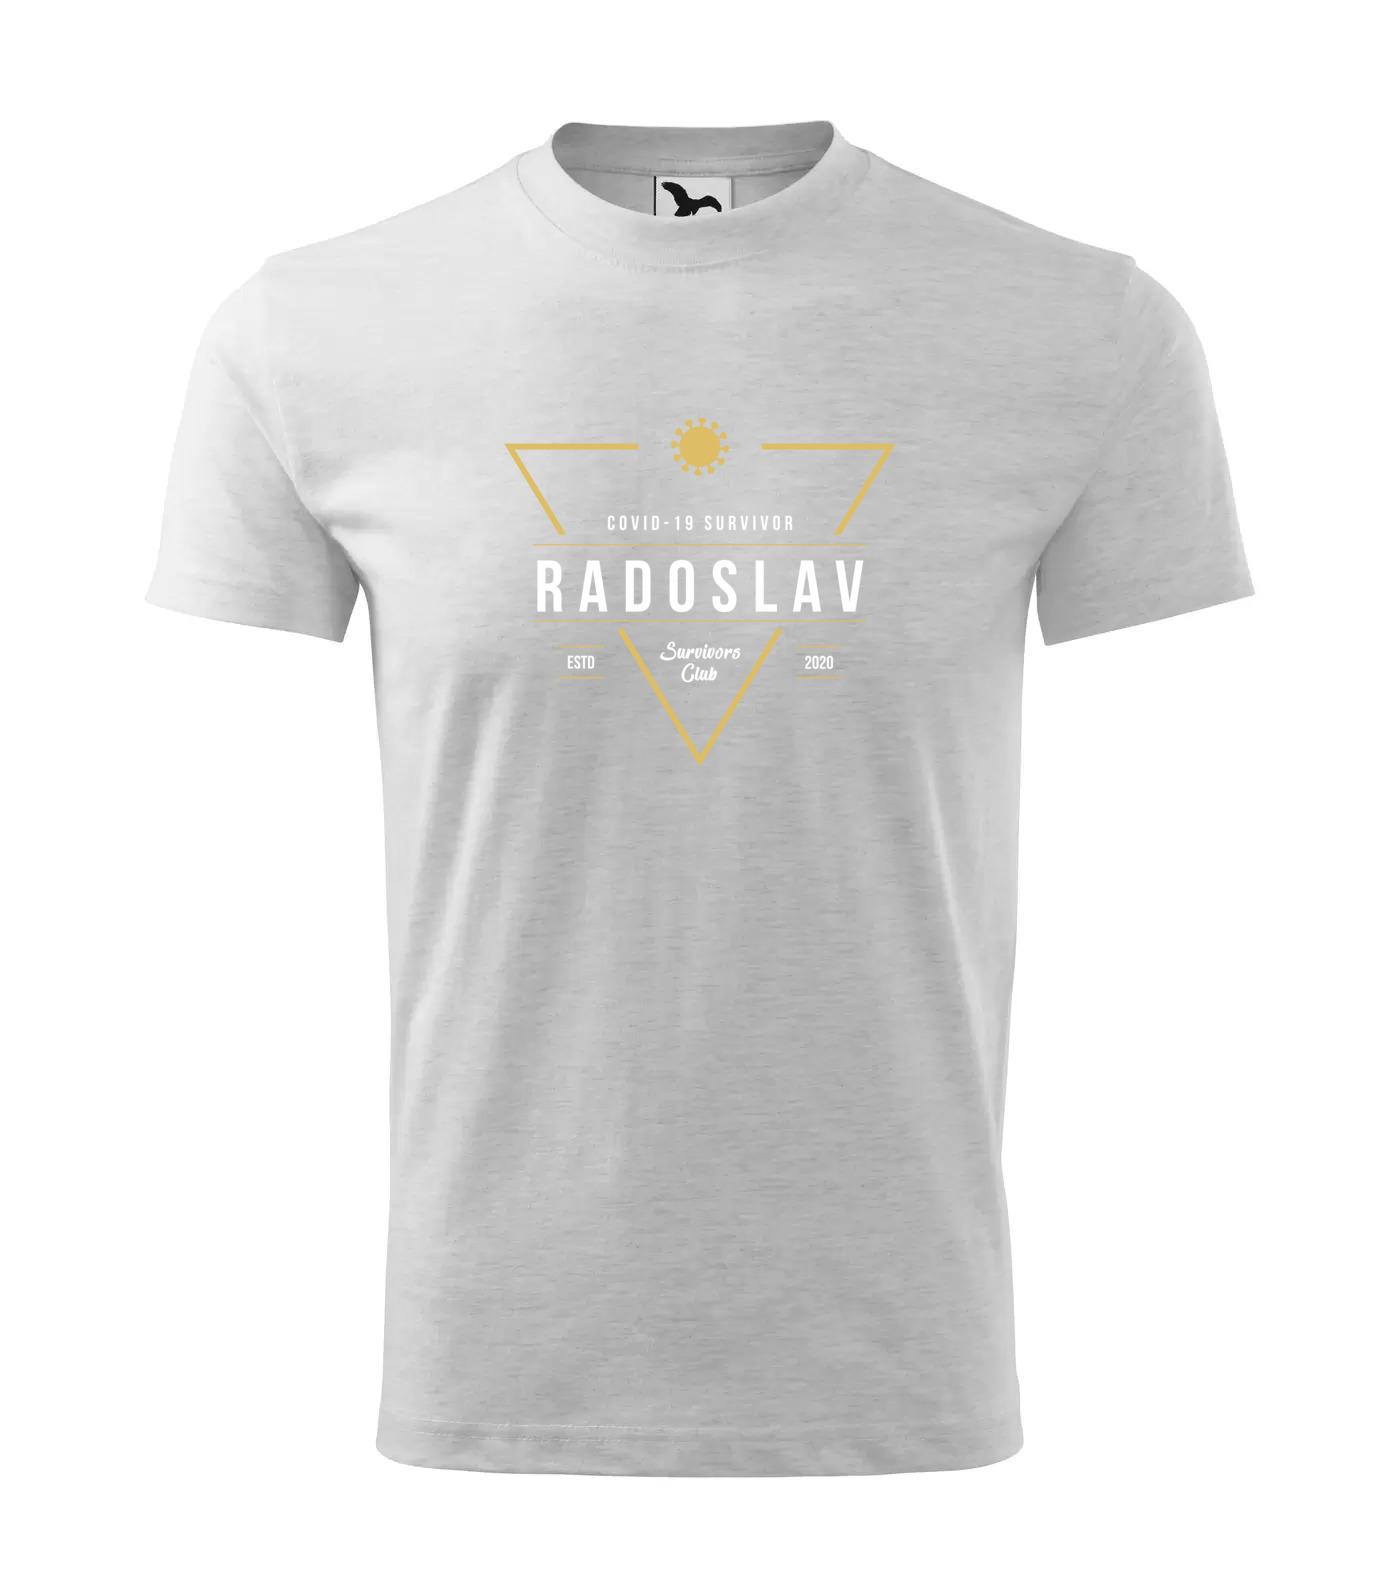 Tričko Survivor Club Radoslav